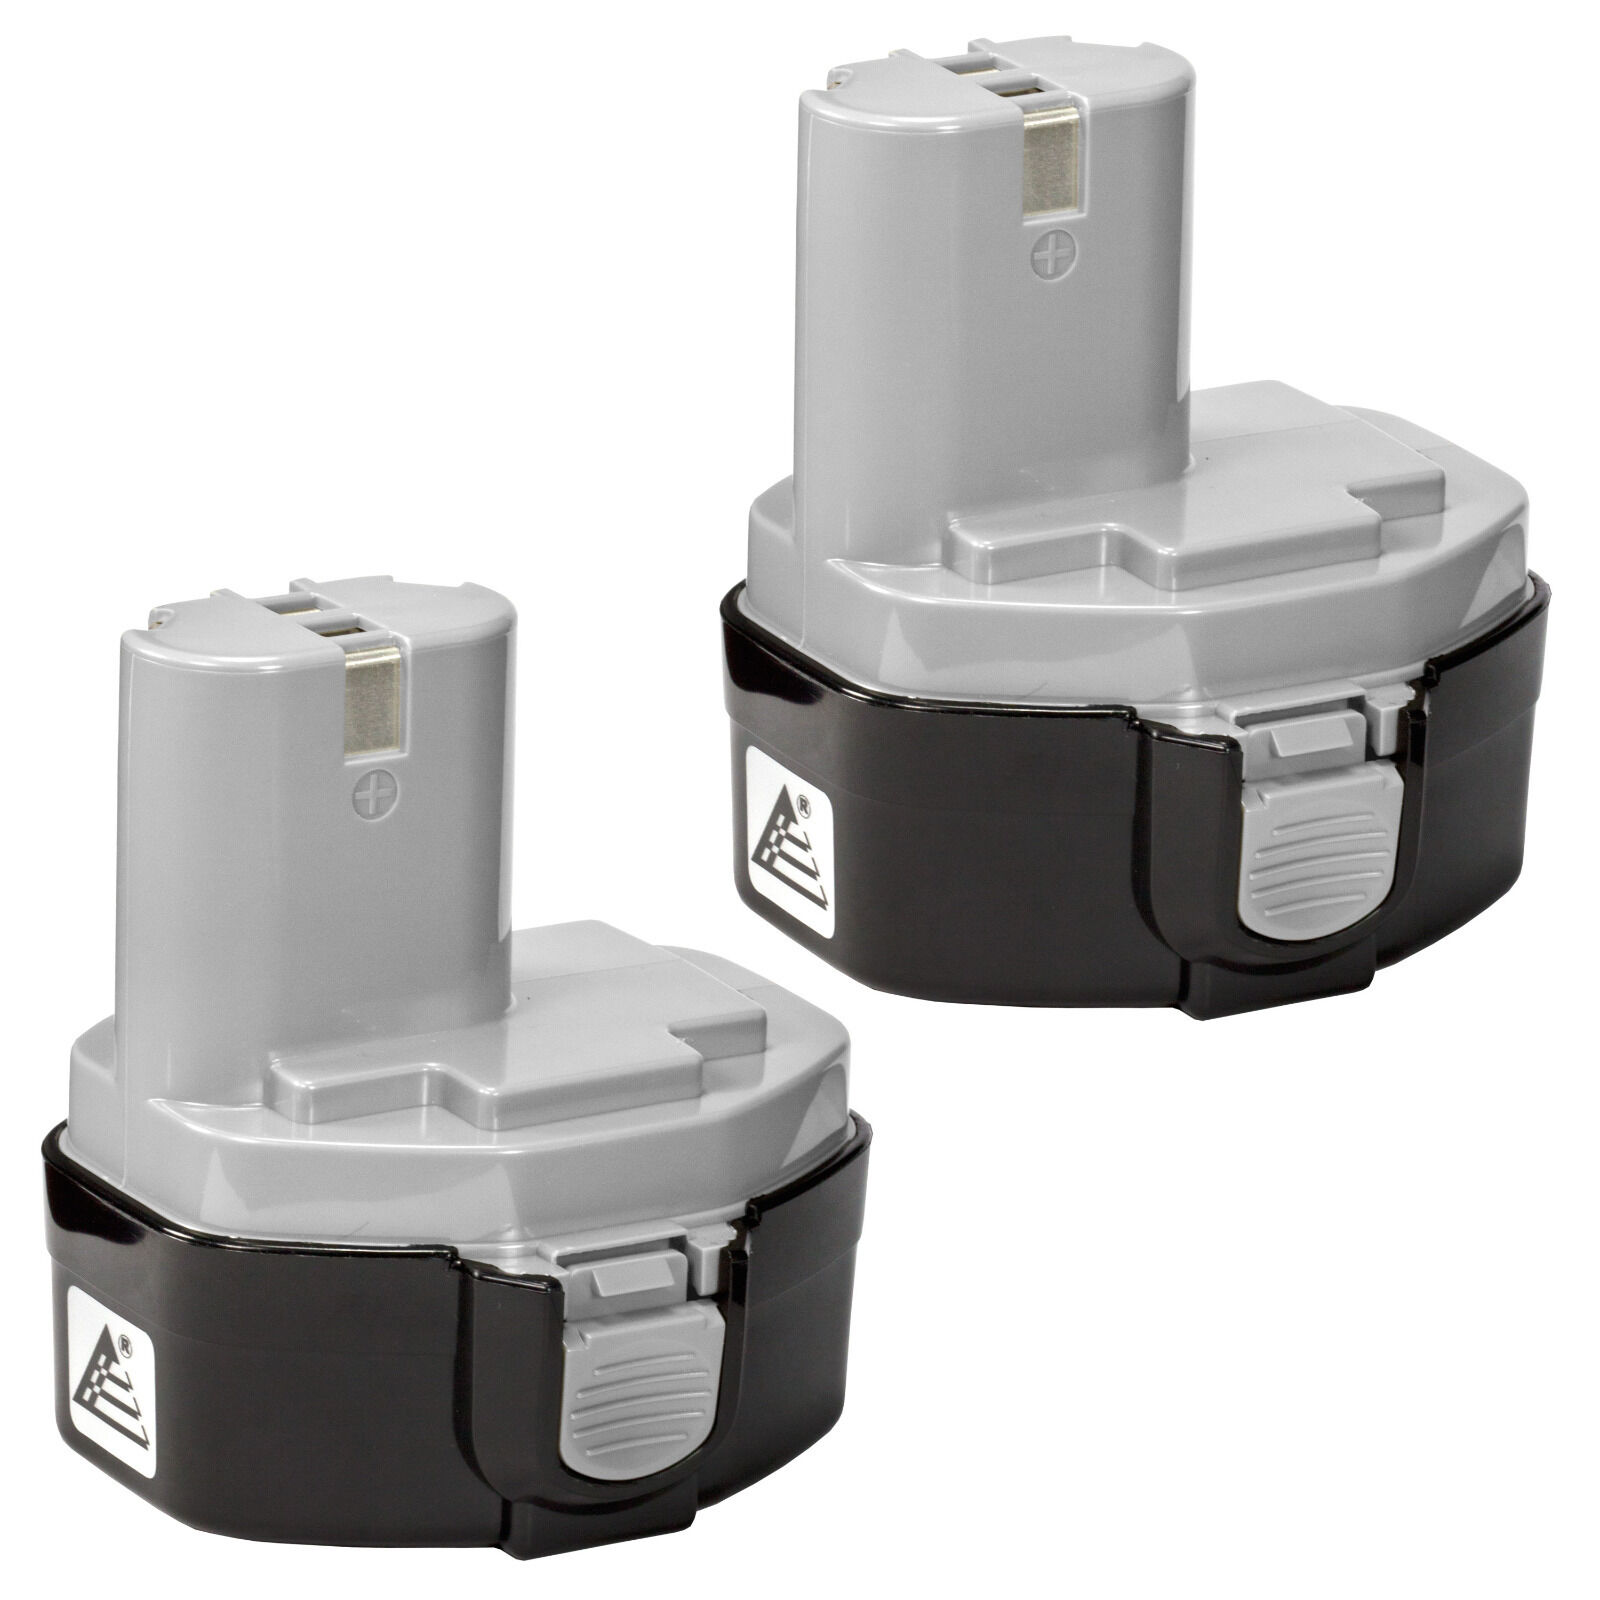 2 X 14.4v 3.0ah 1433 1434 1435f 194172-2 Battery For Maki...